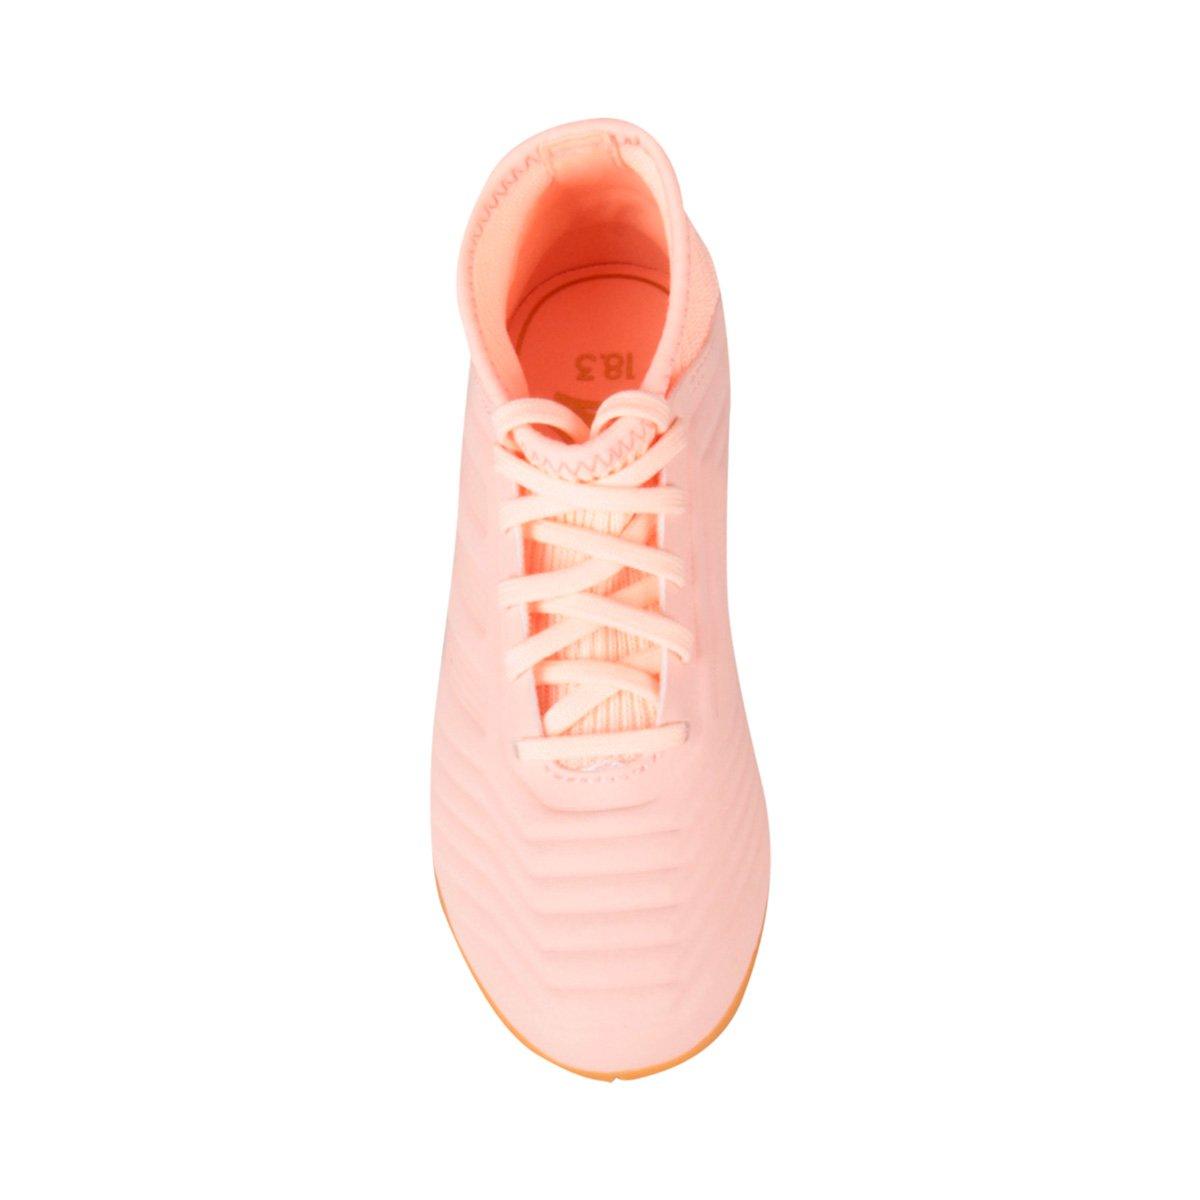 c90e32e4f Chuteira Futsal Infantil Adidas Predator 18 3 IN | Livelo -Sua Vida com  Mais Recompensas